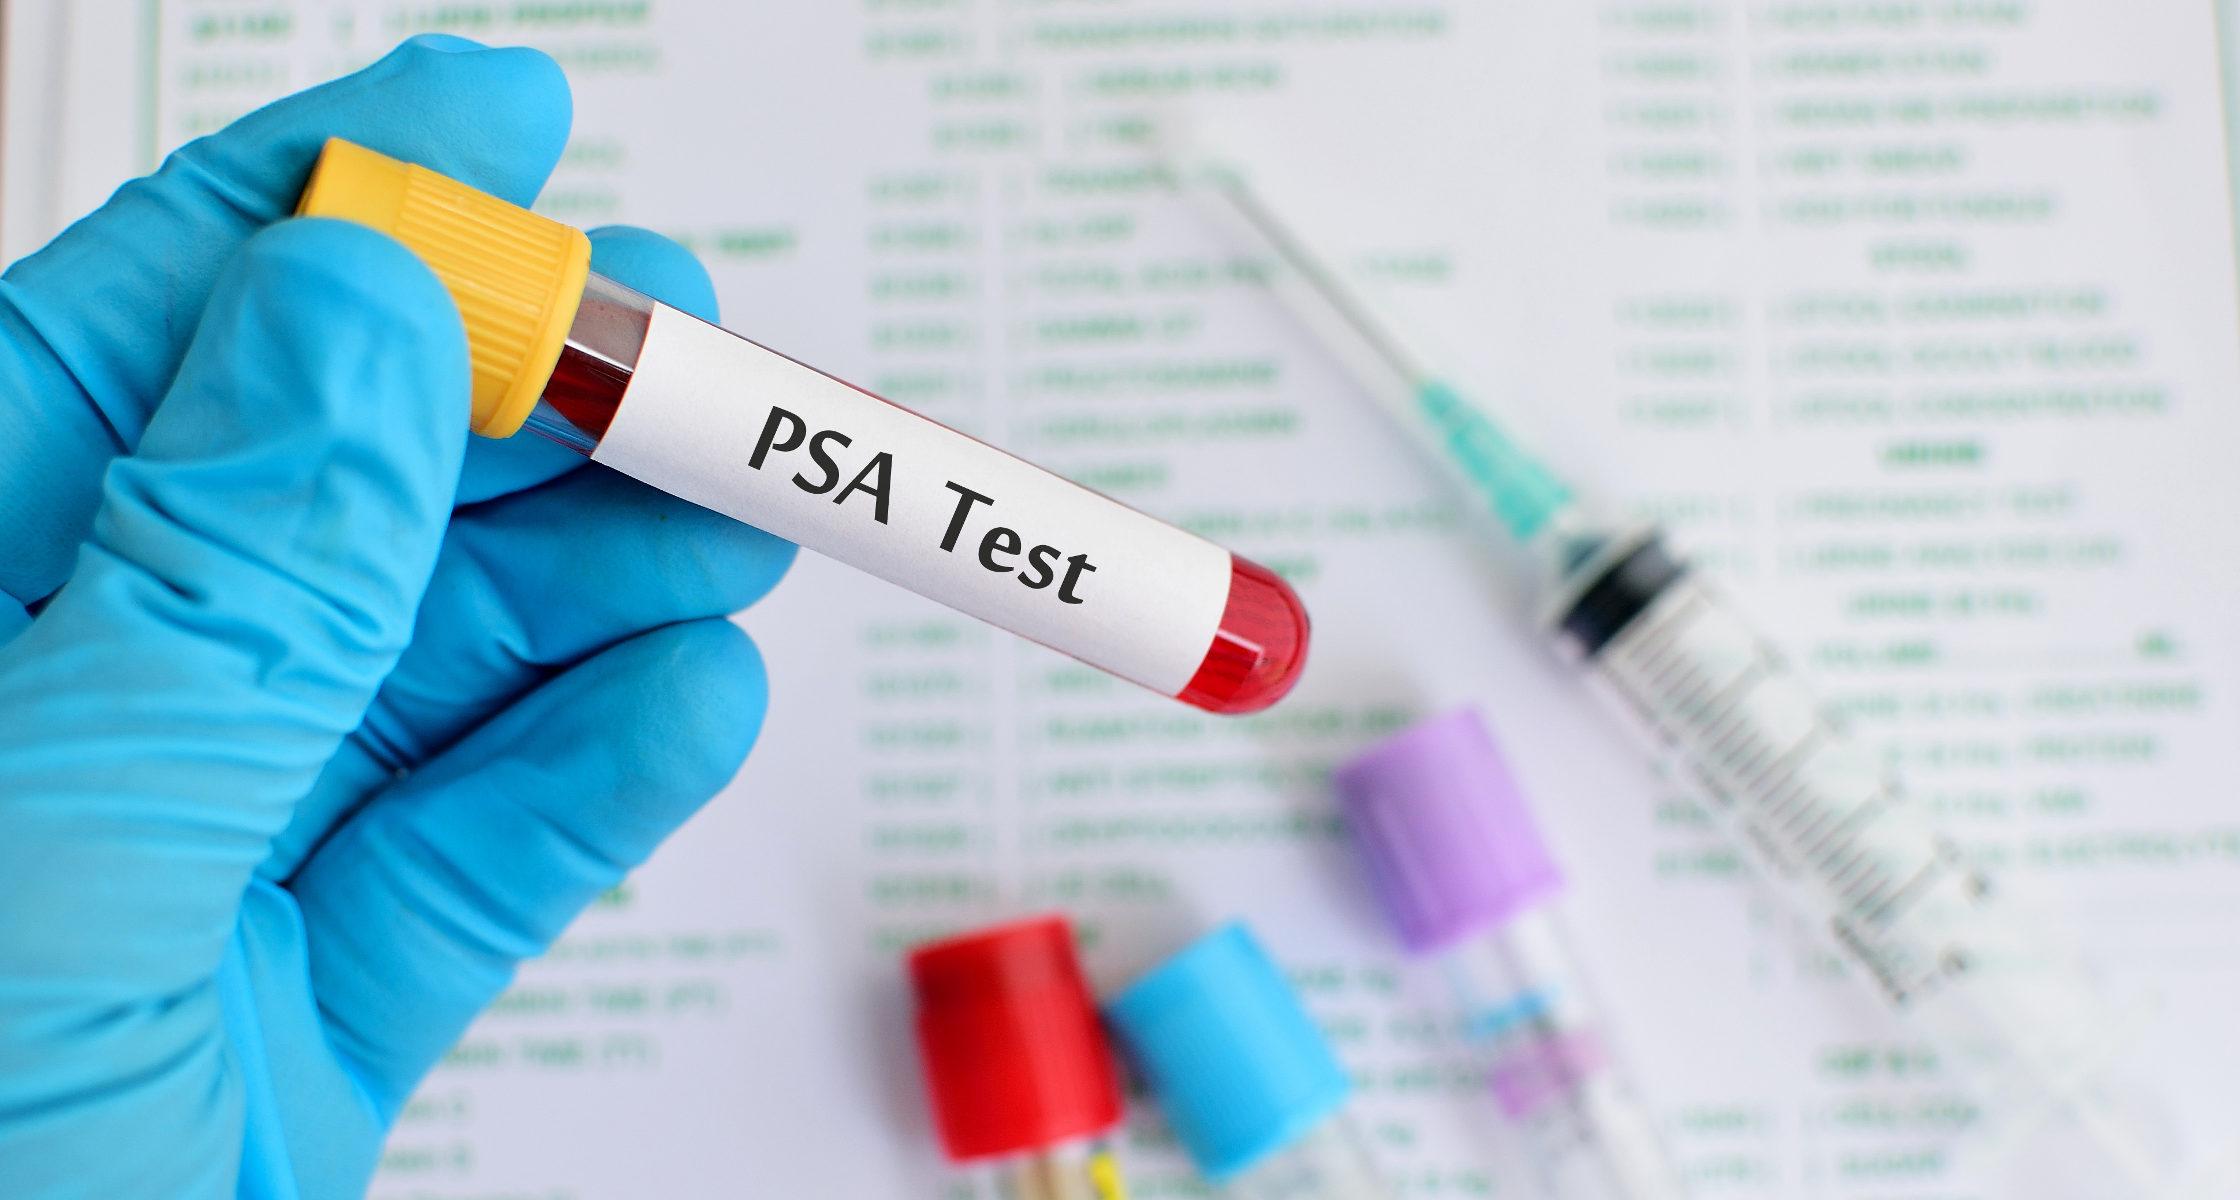 La detección de PSA reduce la mortalidad por cáncer de próstata